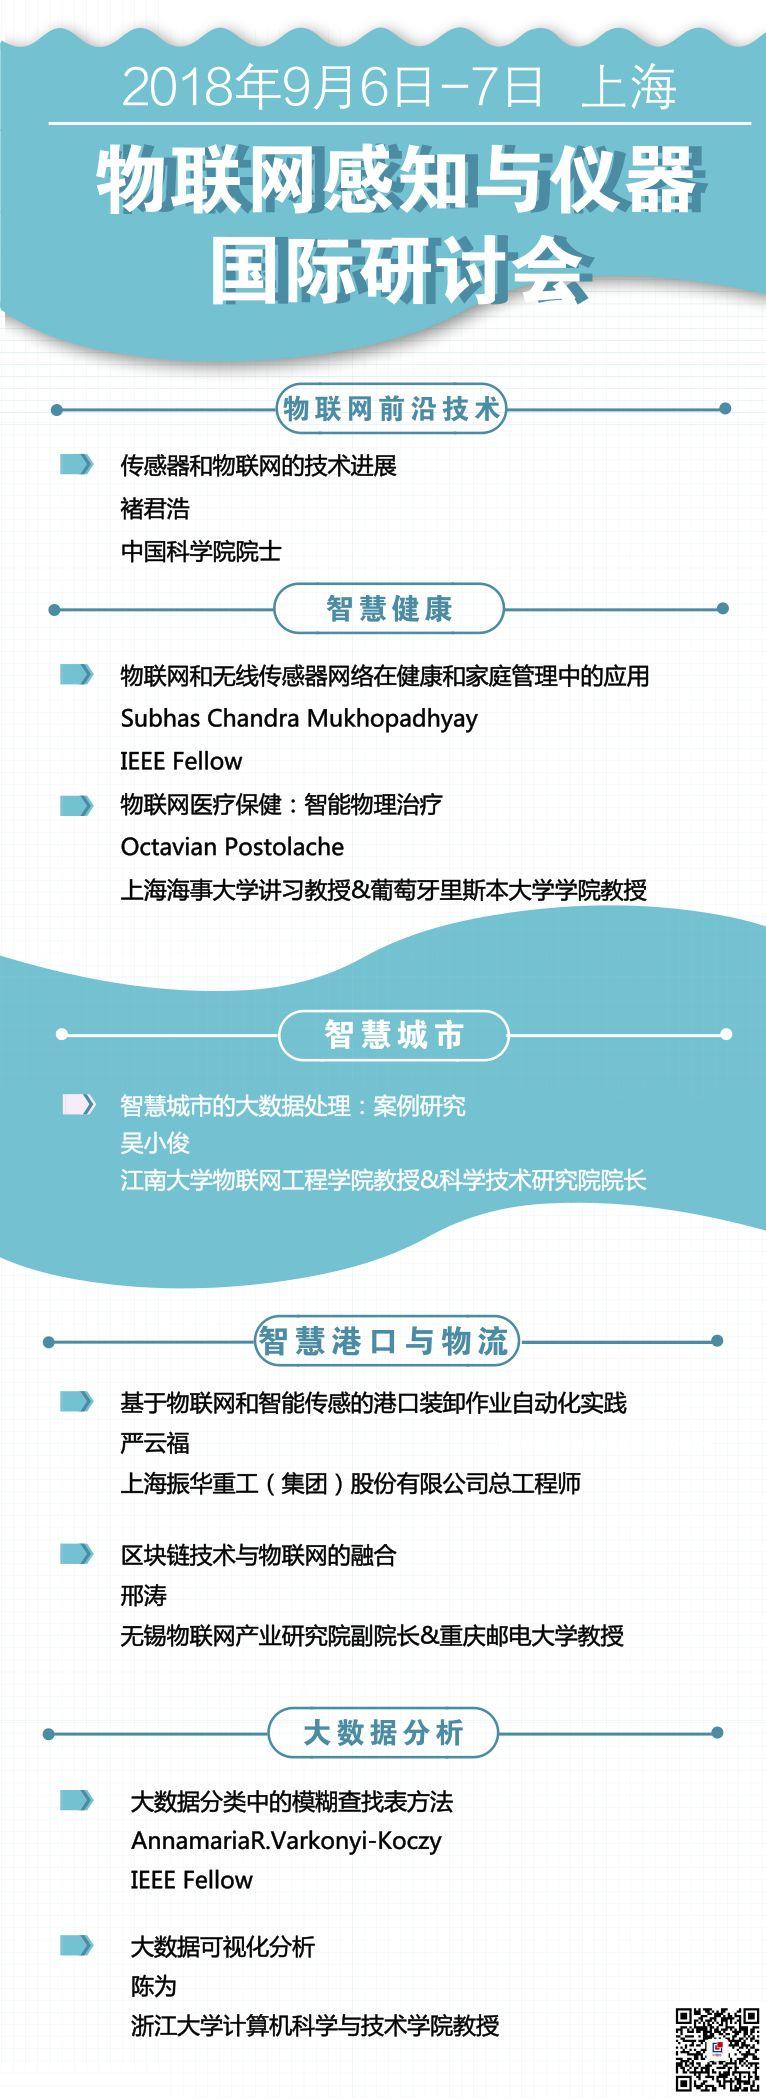 2018物联网感知与仪器国际研讨会(含会议总览)